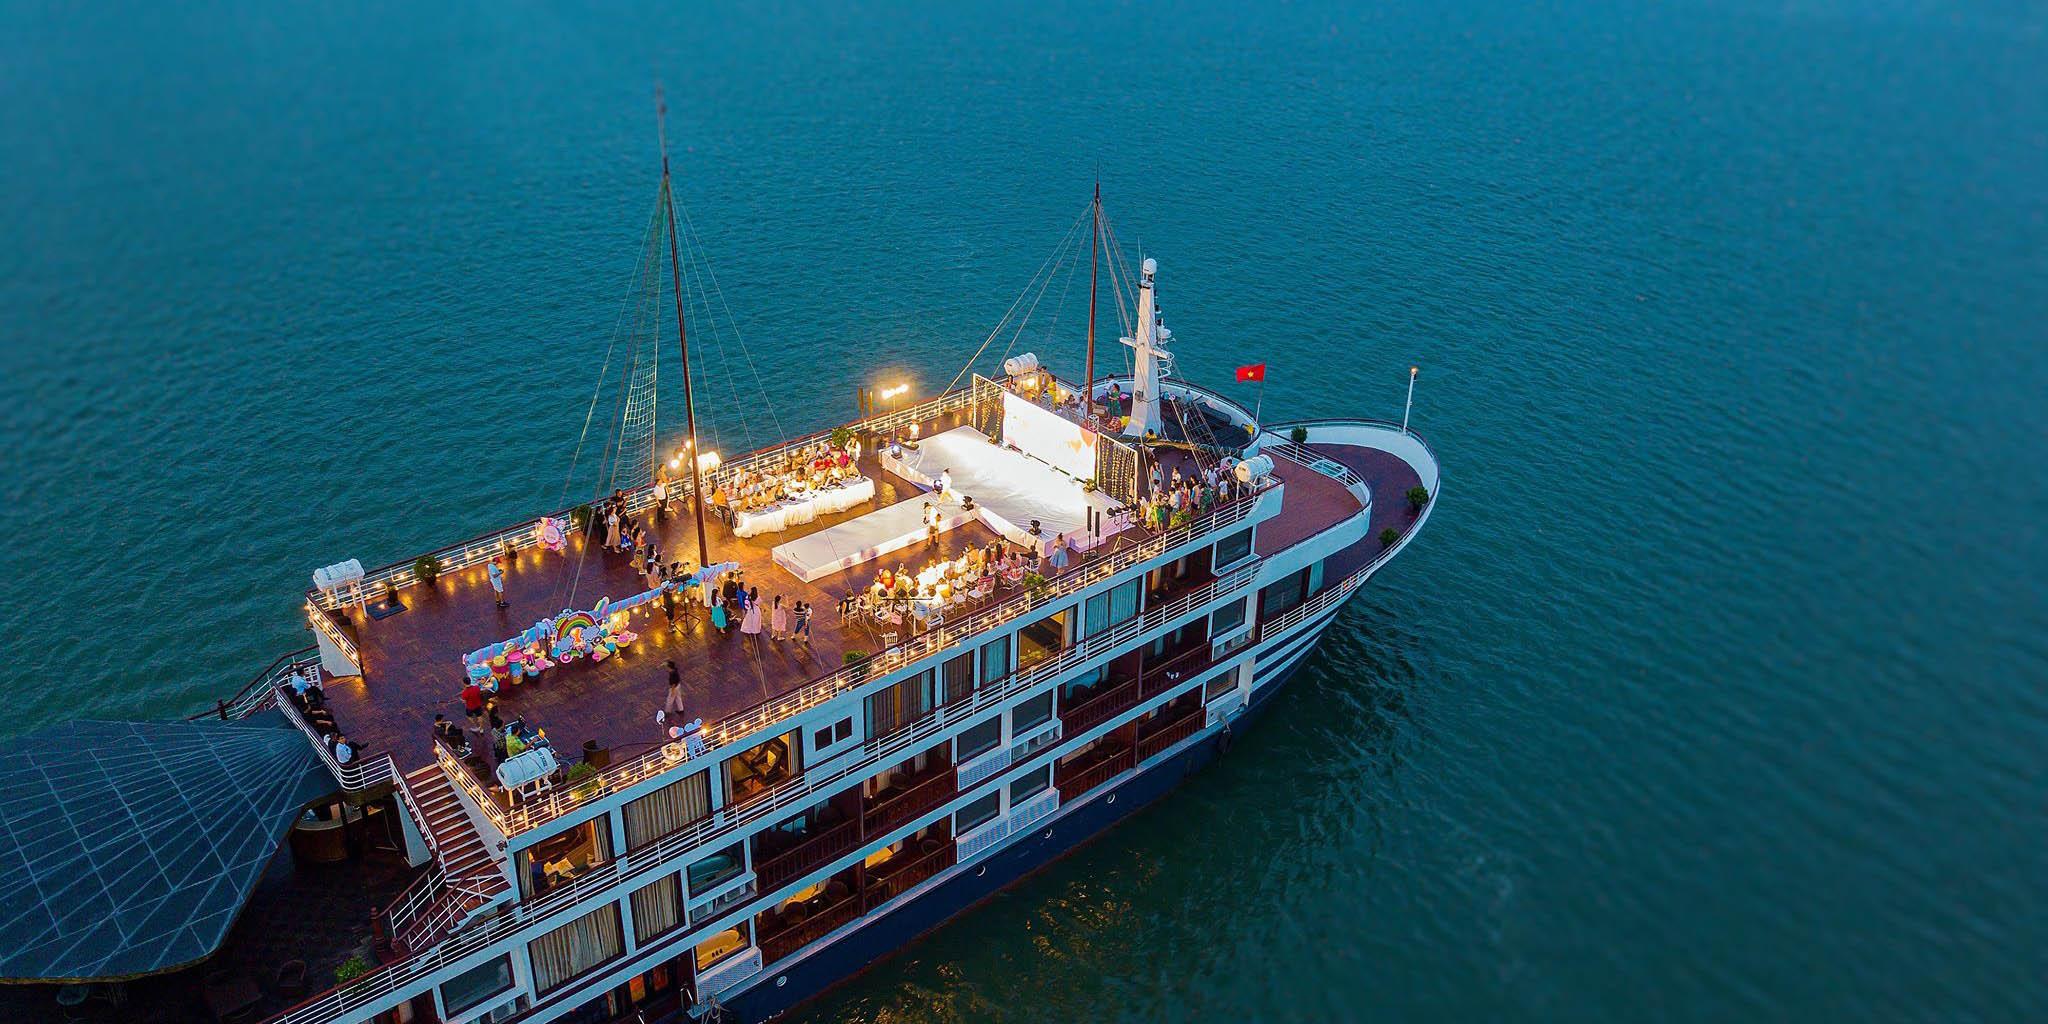 Du thuyền của Sealife Group.